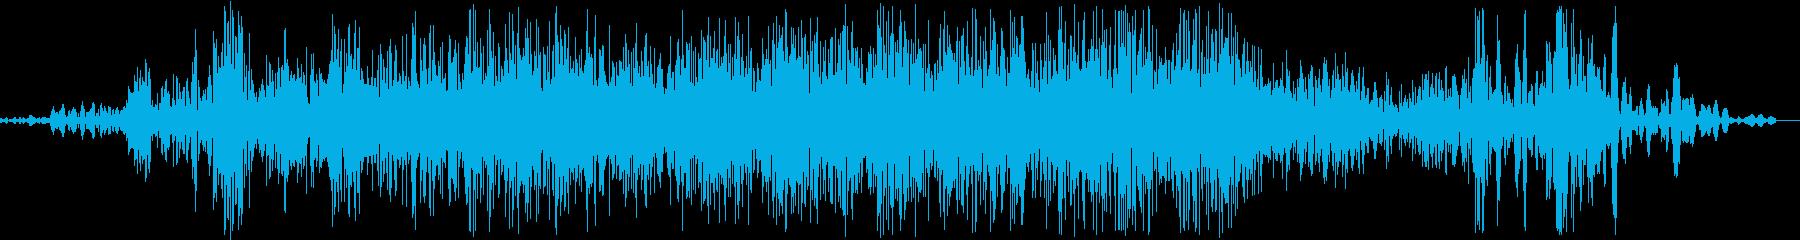 サーァァカタ。ふすまを閉める音です。の再生済みの波形